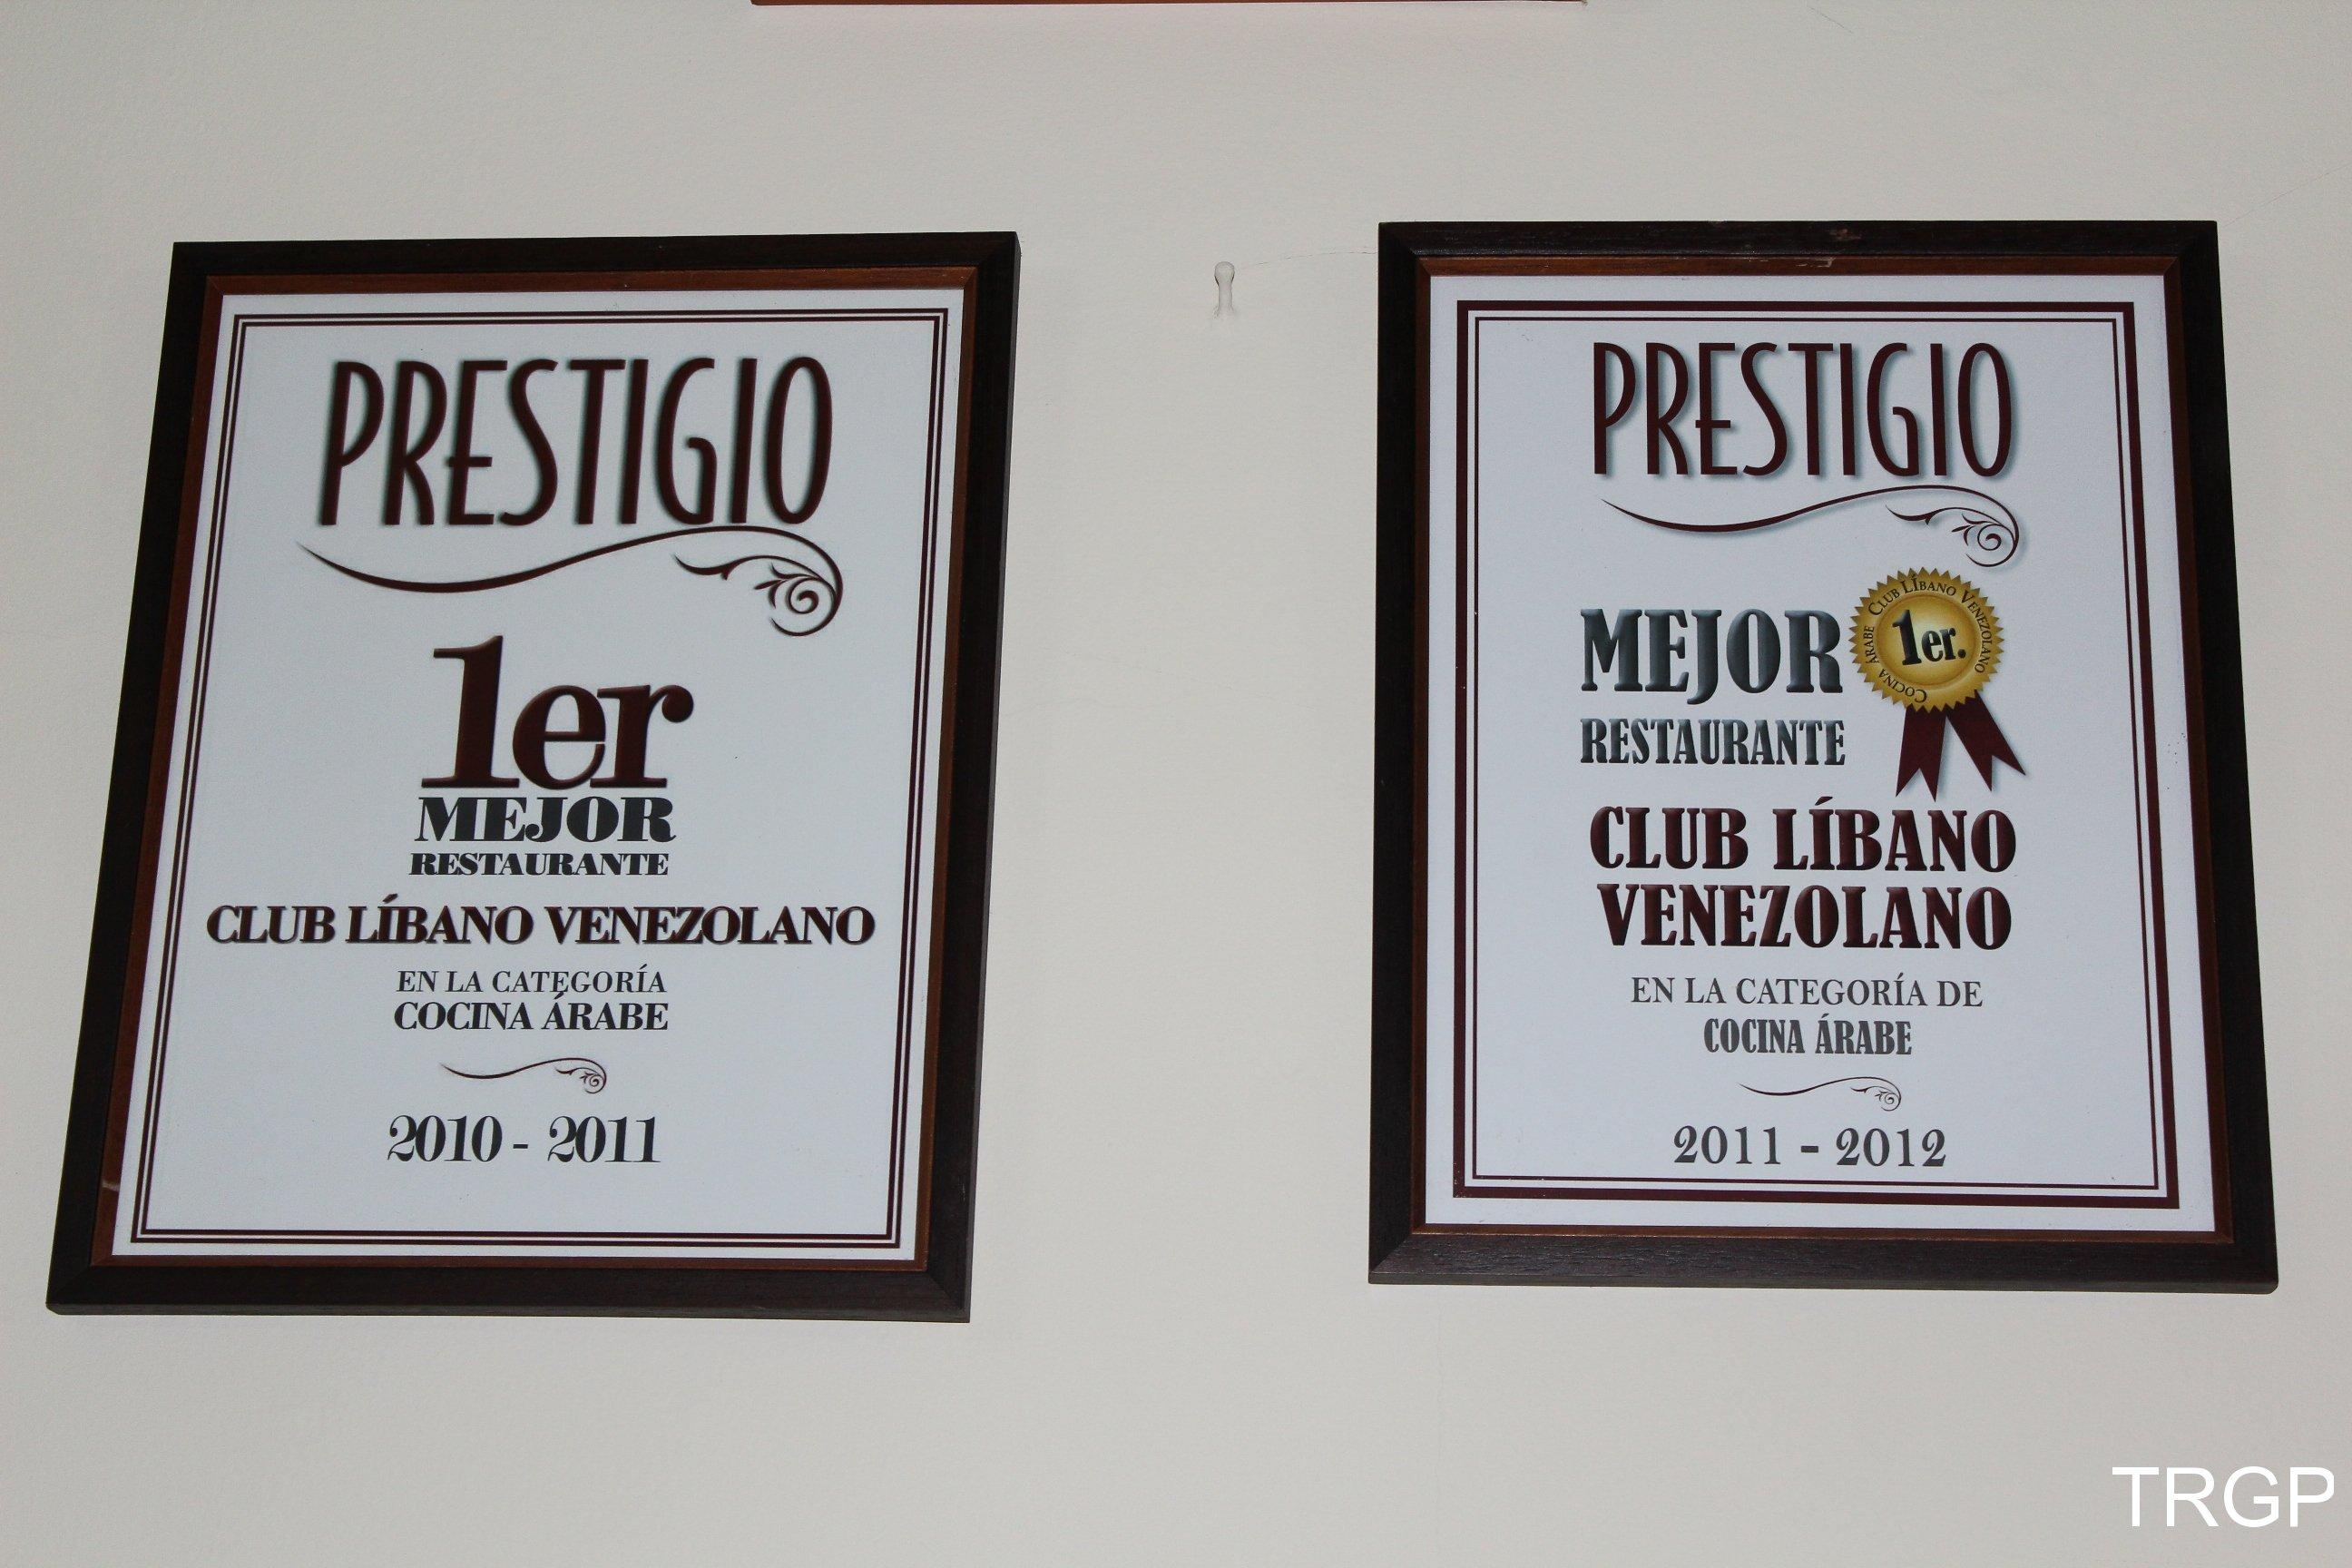 Club Líbano Venezolano